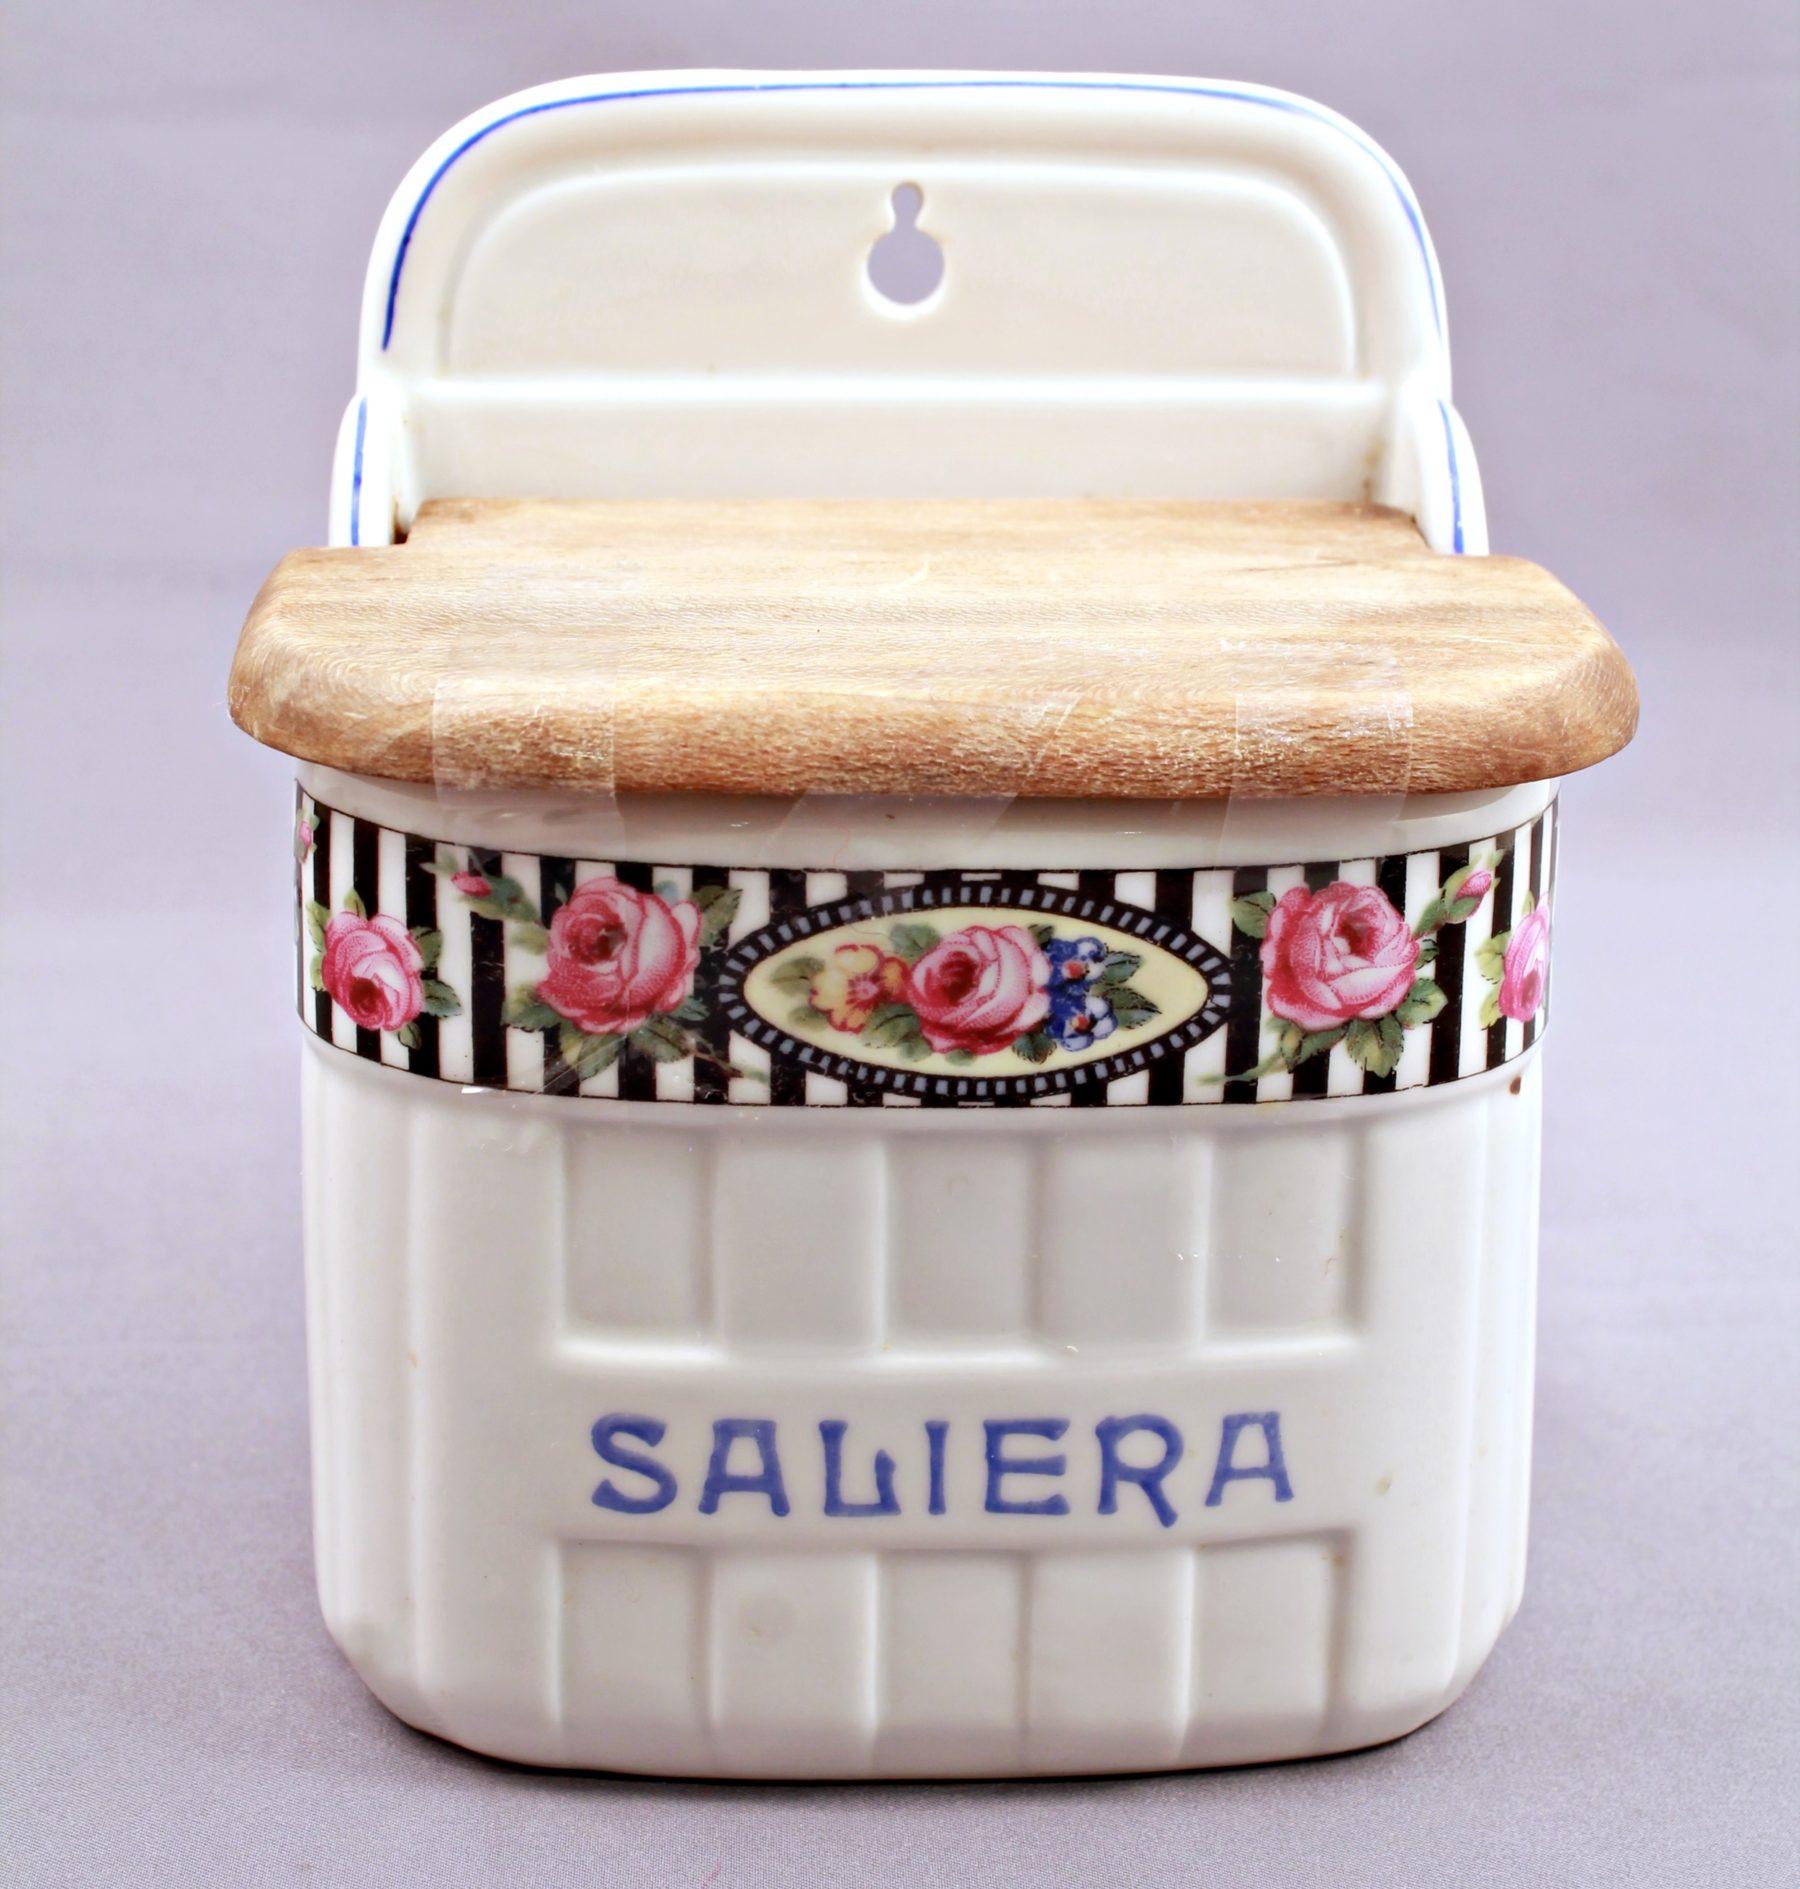 SALIERA PENSILE